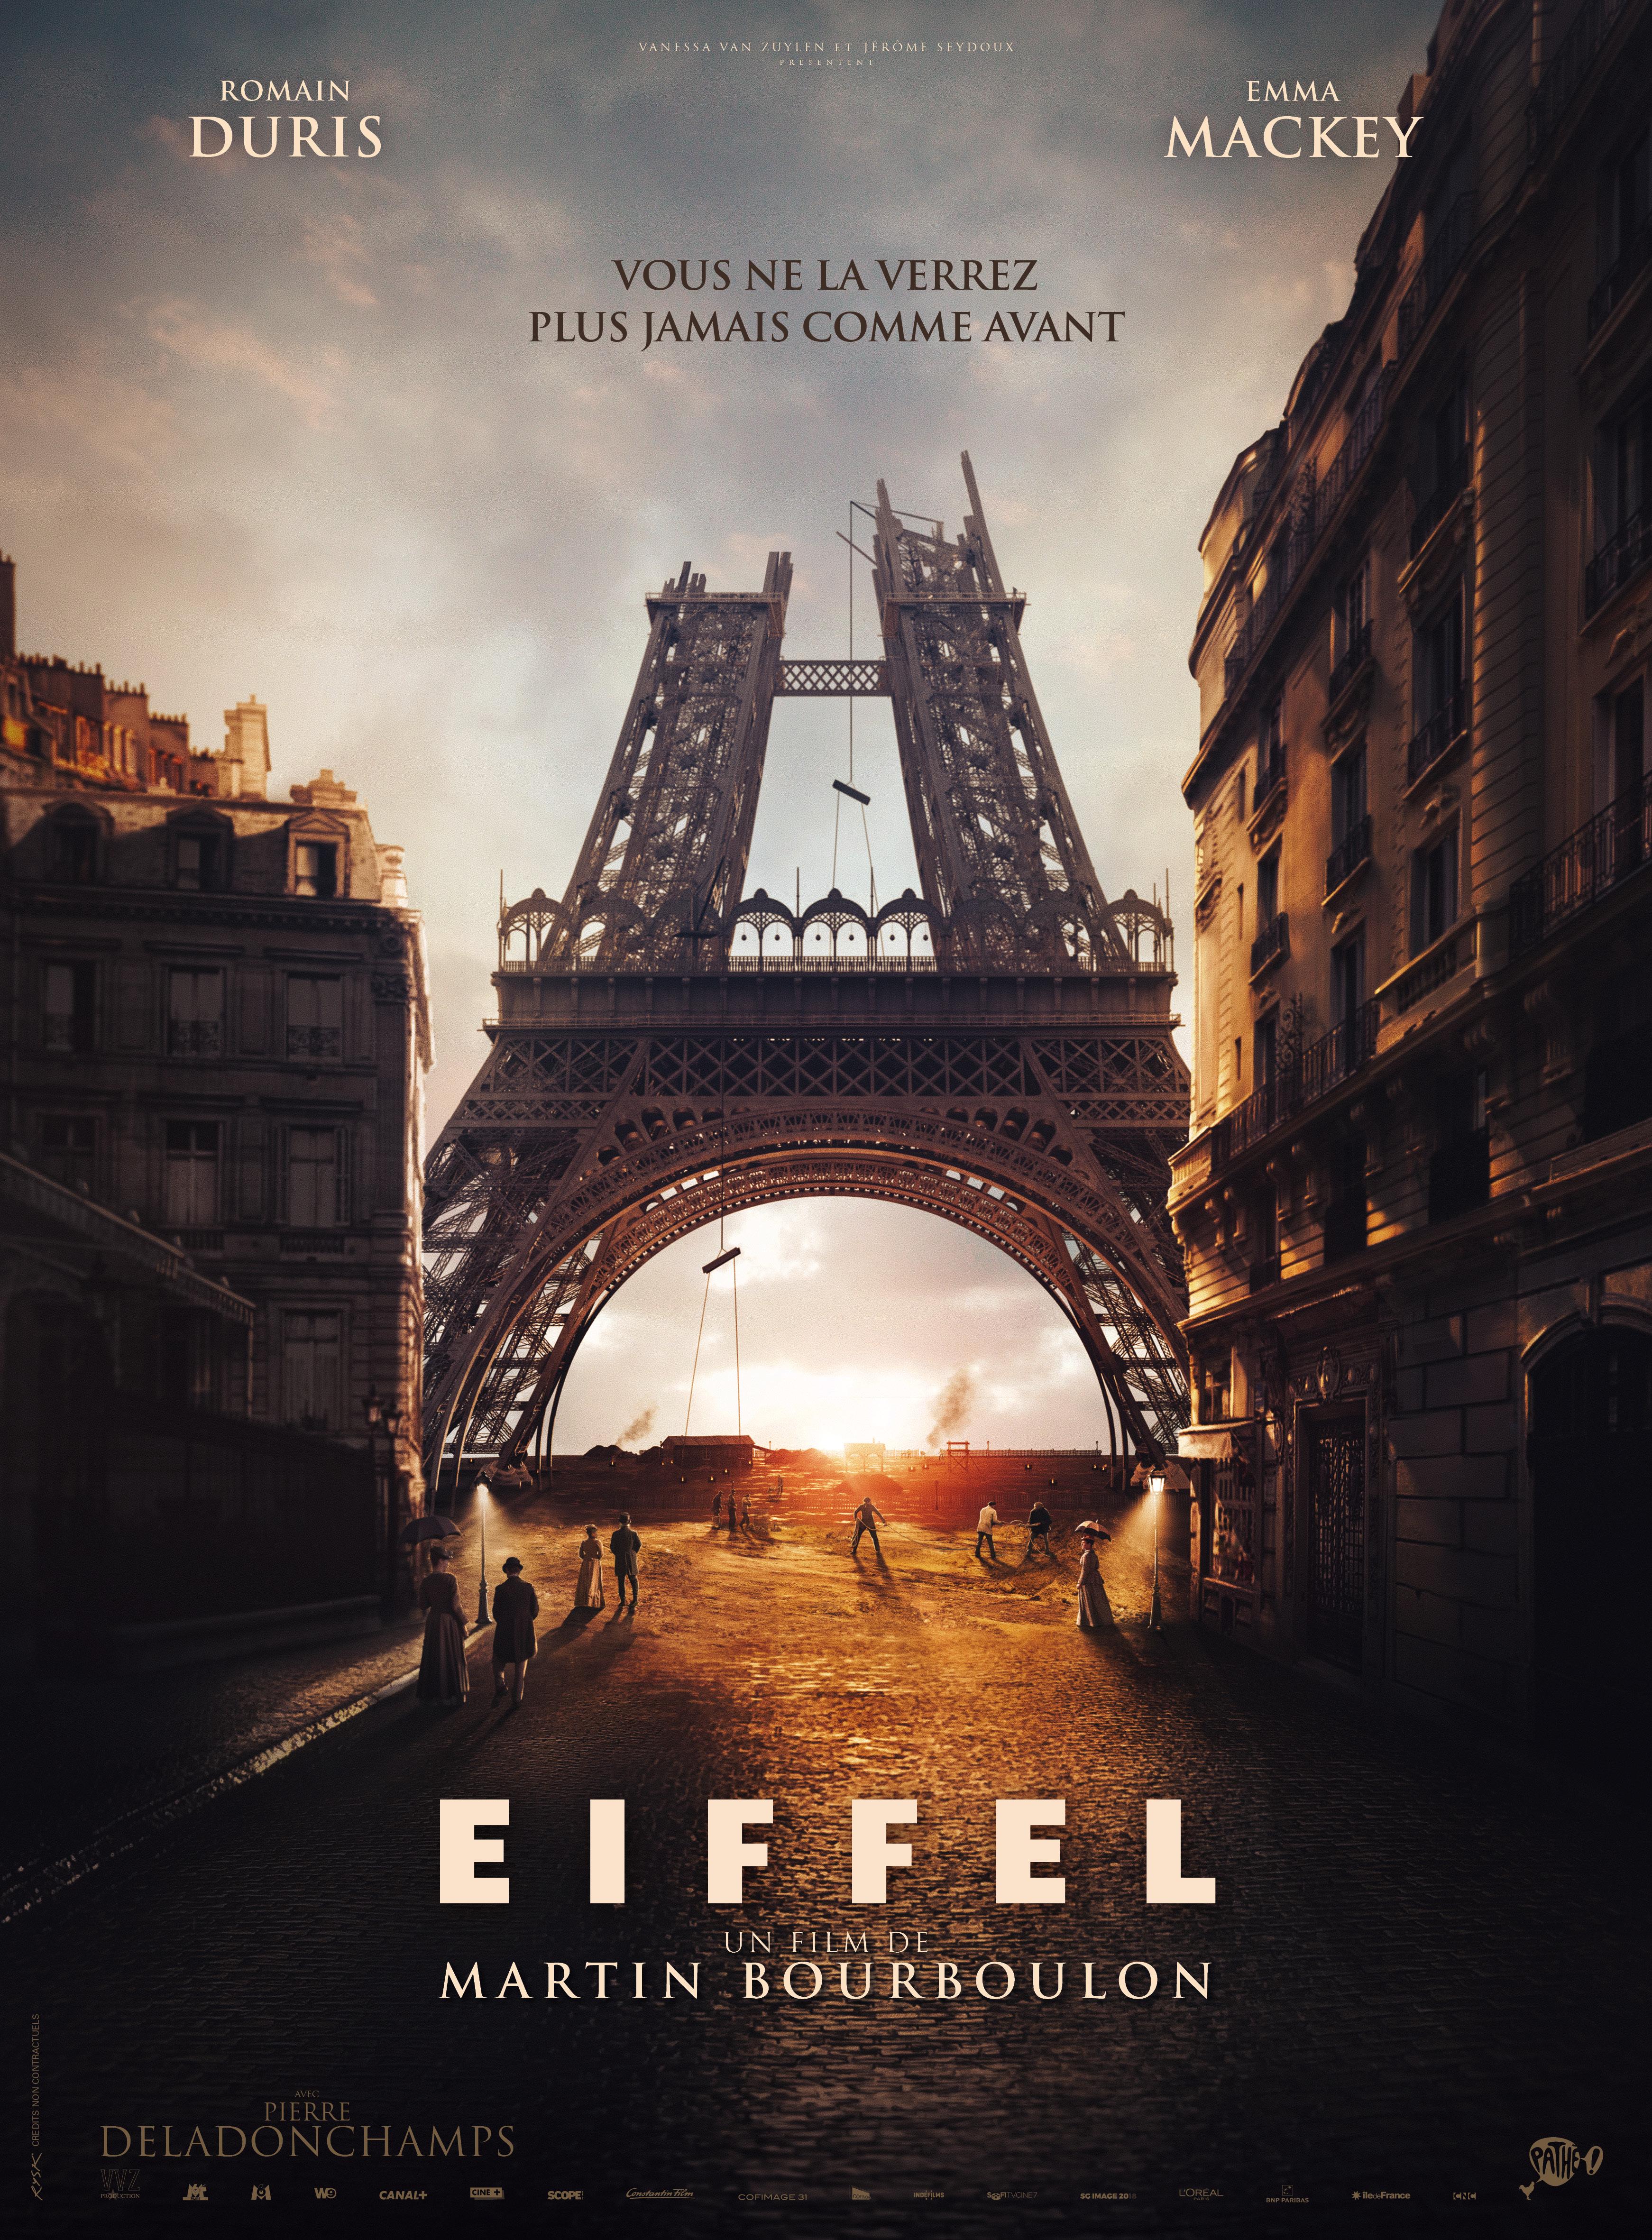 eiffel_120_new-300dpi